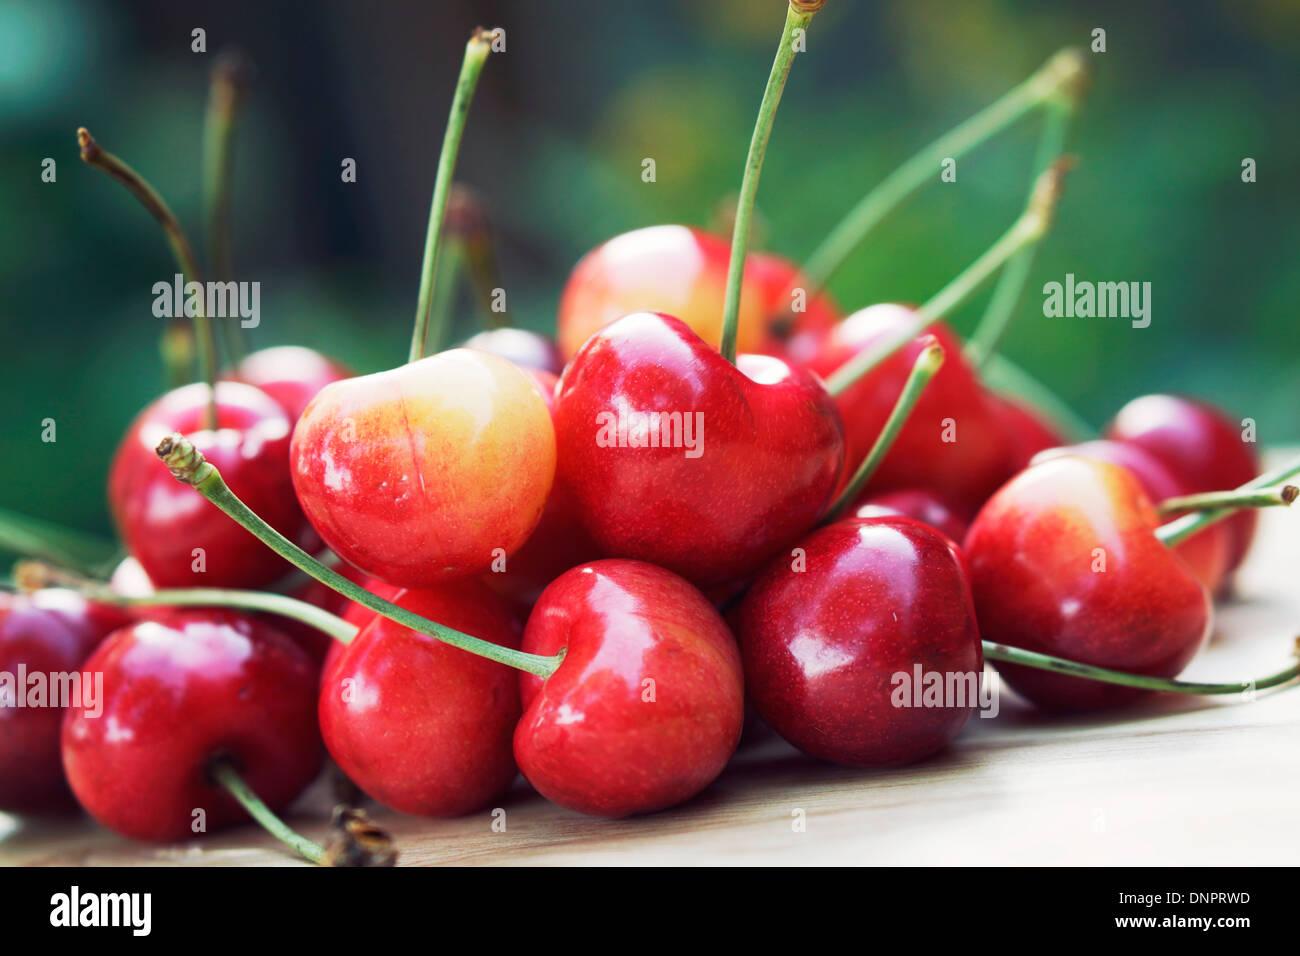 Cherries, Fresh Cherries - Stock Image